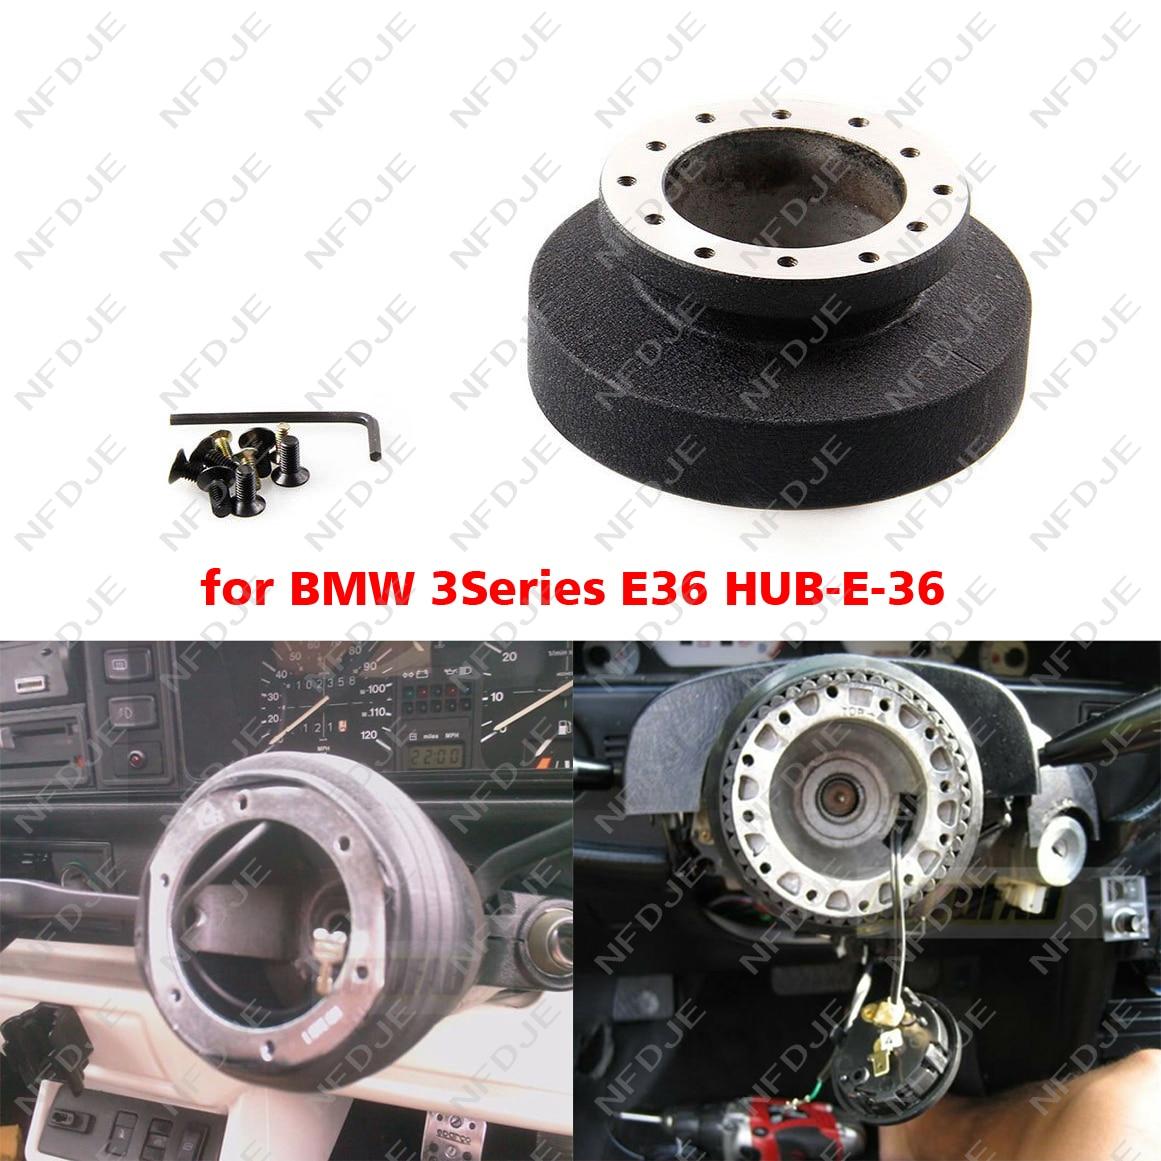 for BMW 3Series E36 HUB-E-36 Steering Wheel Hub Adapter Boss Kit